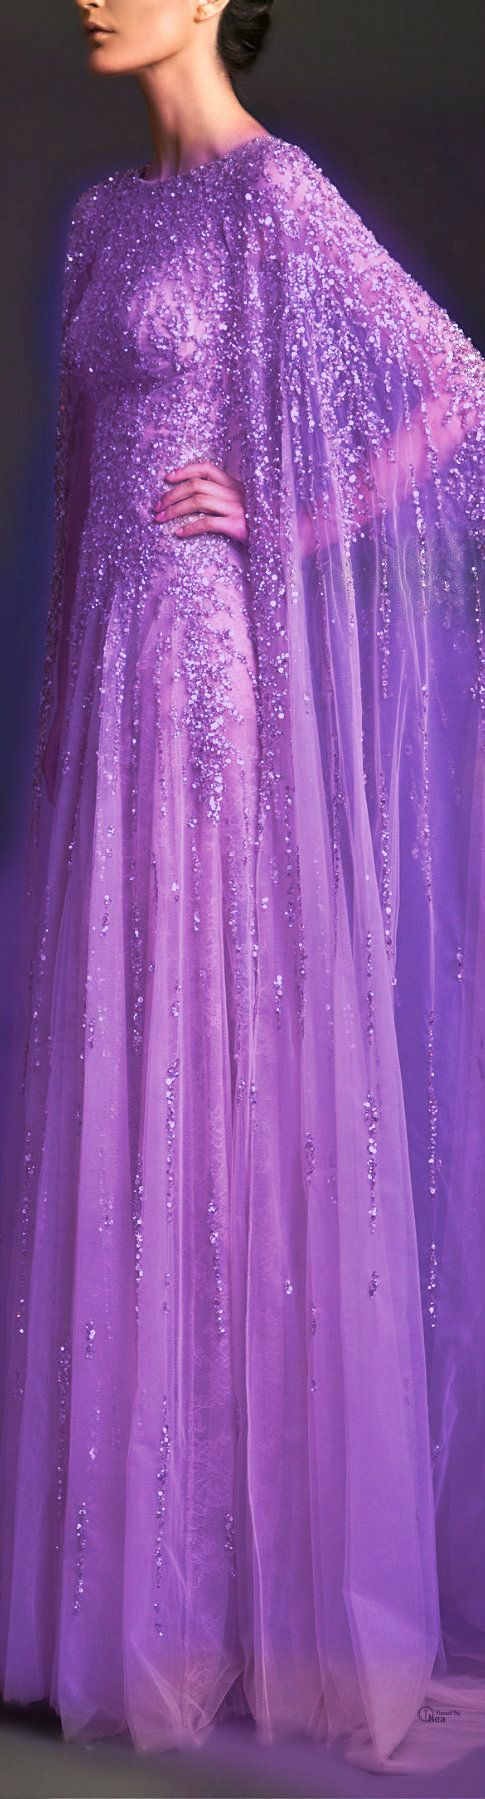 Gown  LILAS  PERLAS